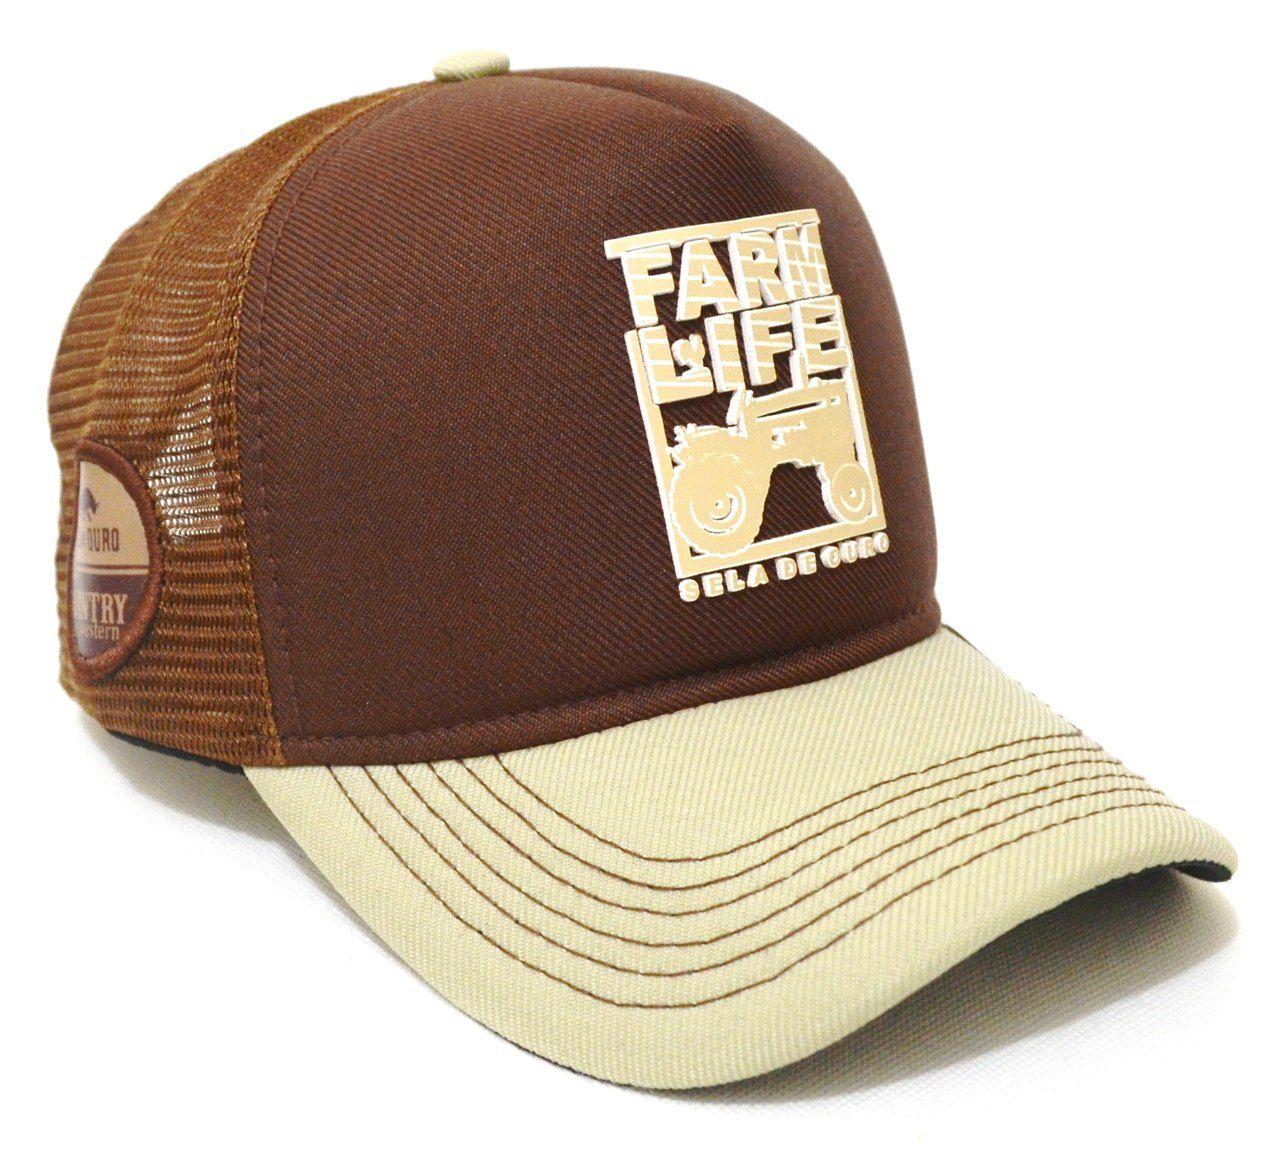 Boné Trator Country Farm Life Aba Curva Trucker Tela - Regulagem de Tamanho  Snapback 33fe2af71e6